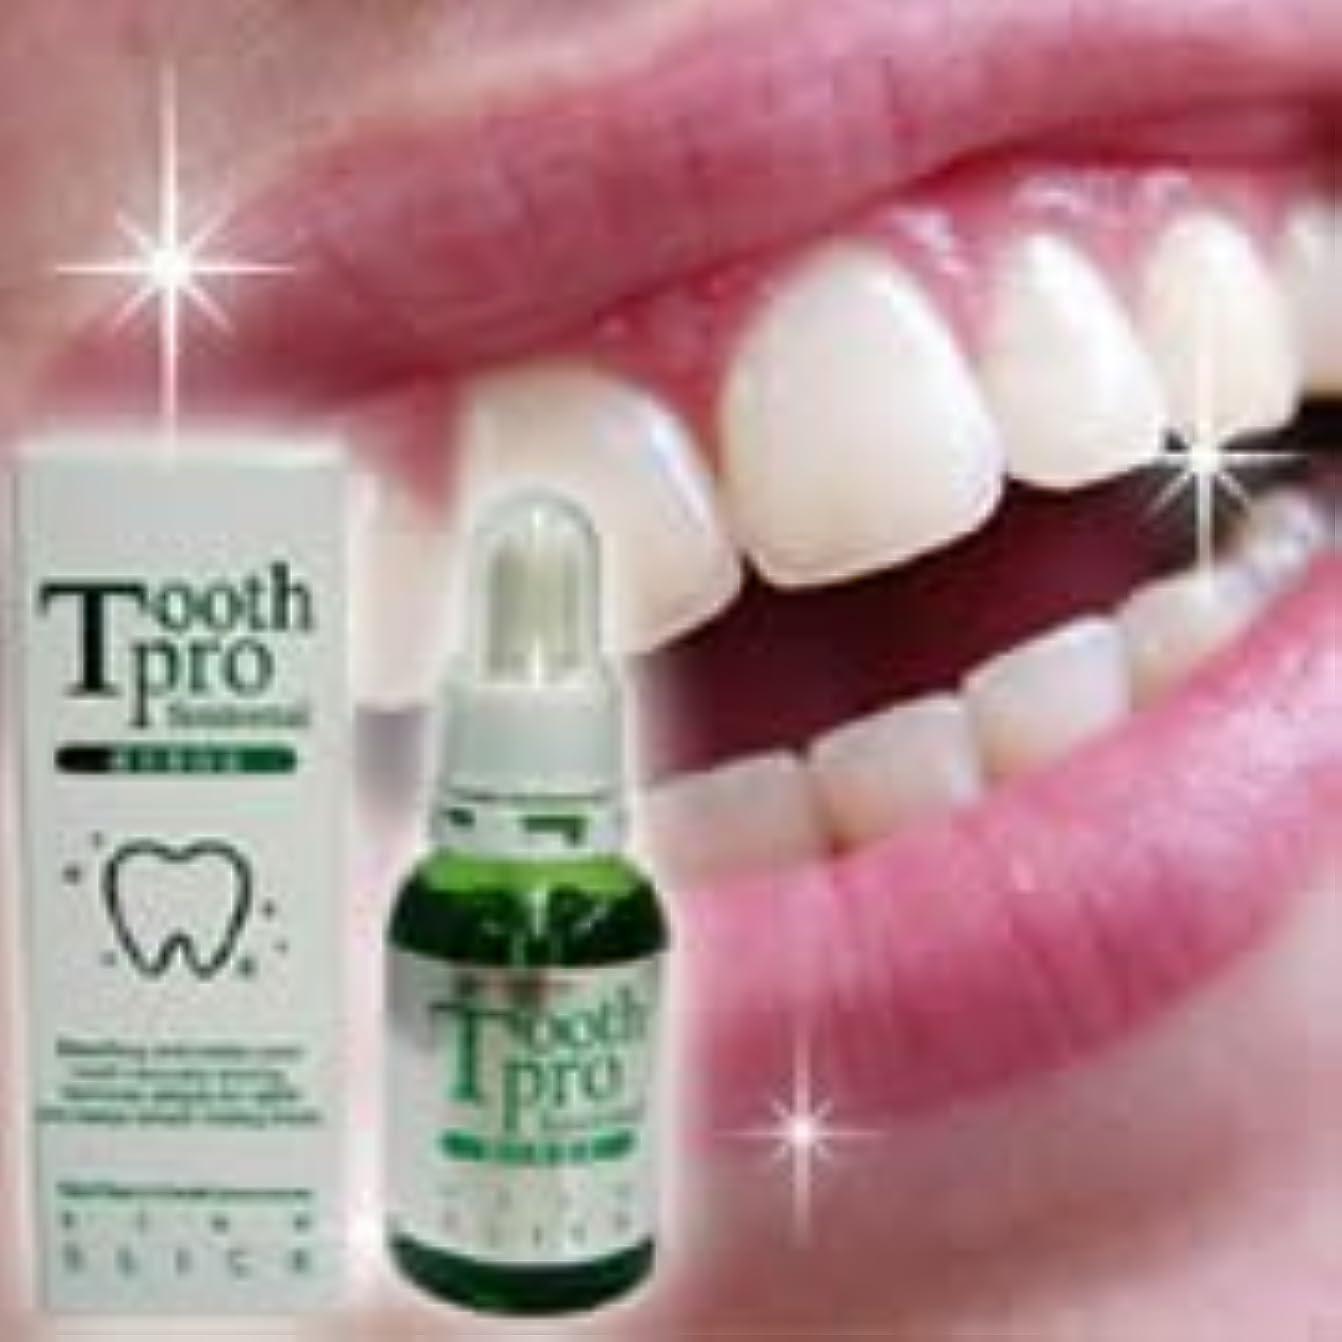 トゥース プロフェッショナル 20ml ×2個セット (tooth professional)